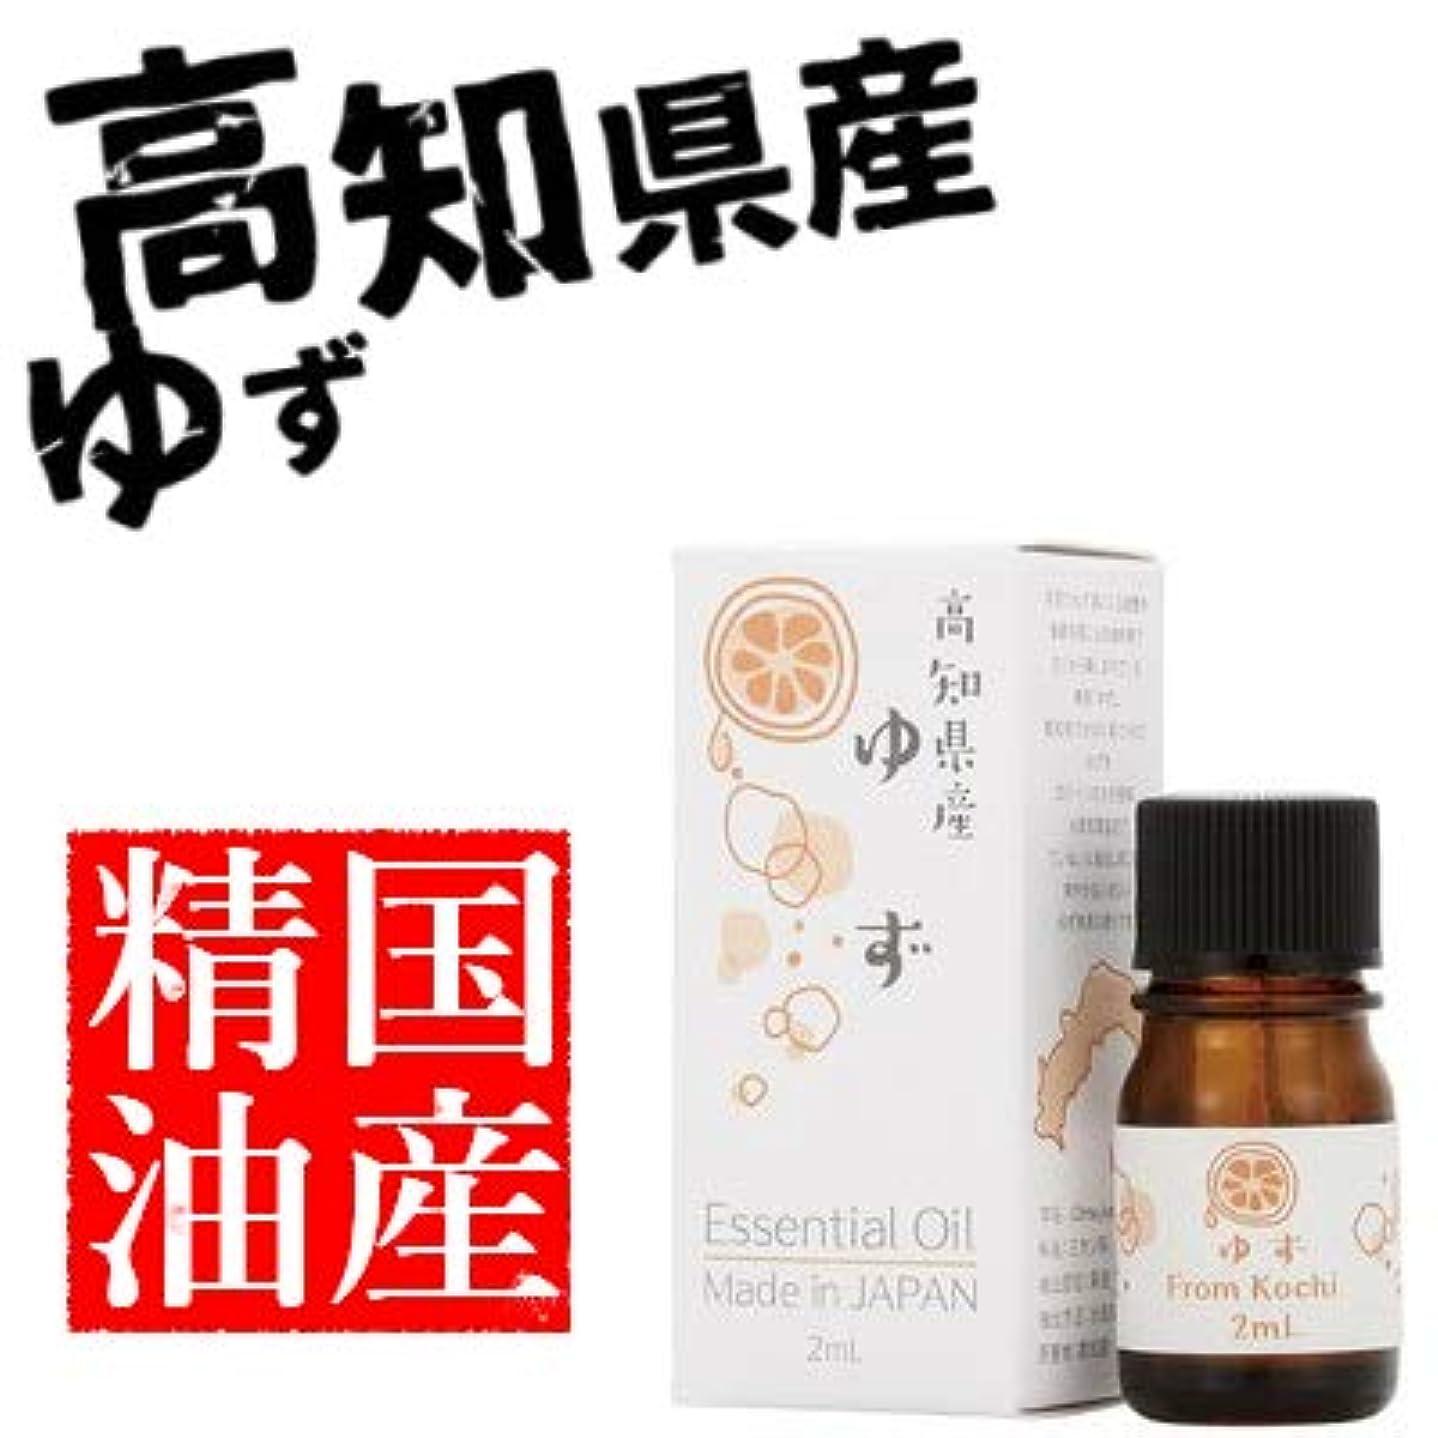 リースくつろぐ量日本の香りシリーズ エッセンシャルオイル 国産精油 (ゆず)